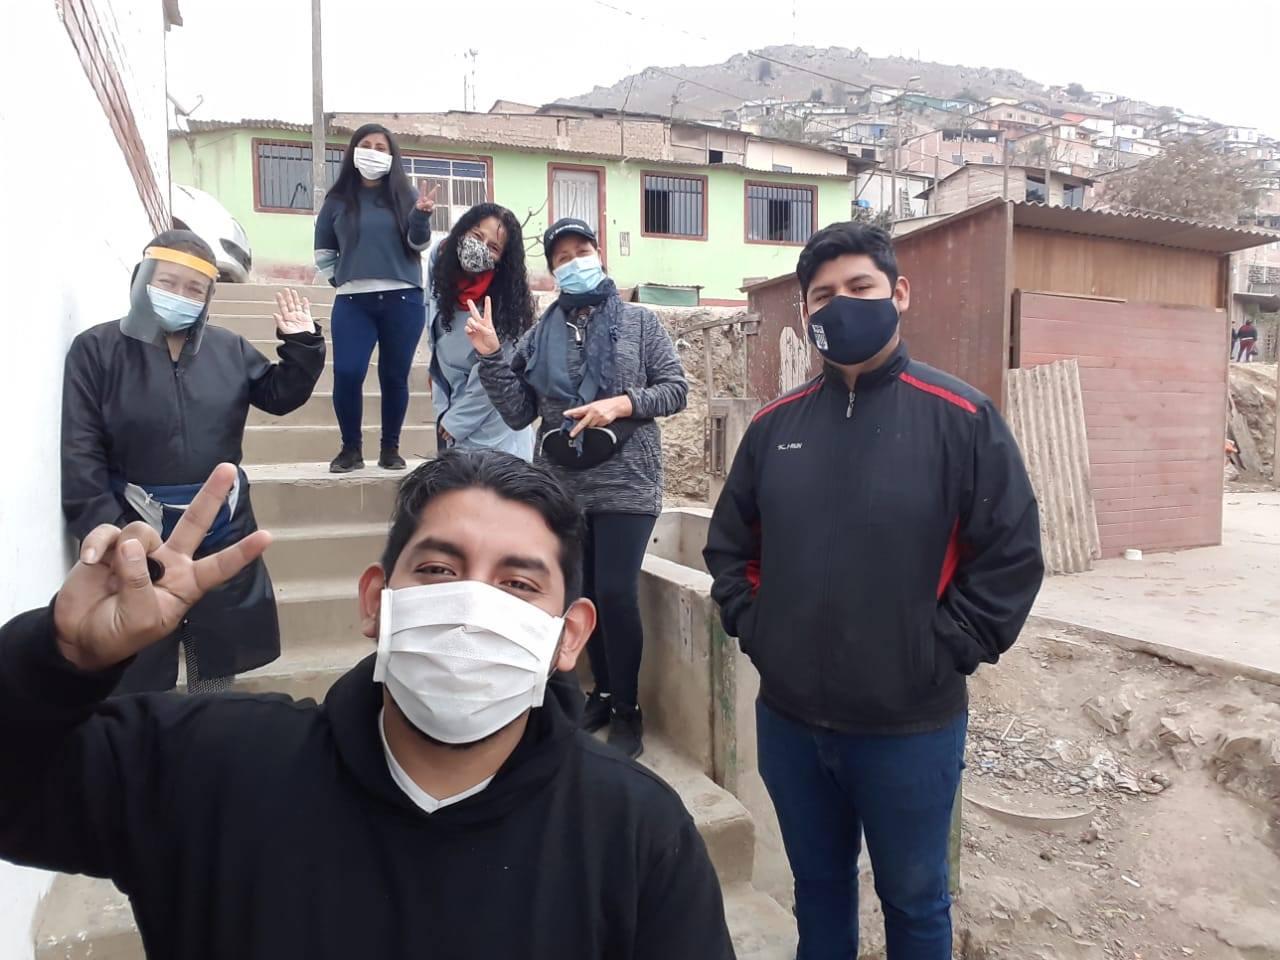 Perù – il racconto di Gianni Vaccaro dalla periferia sud di Lima.